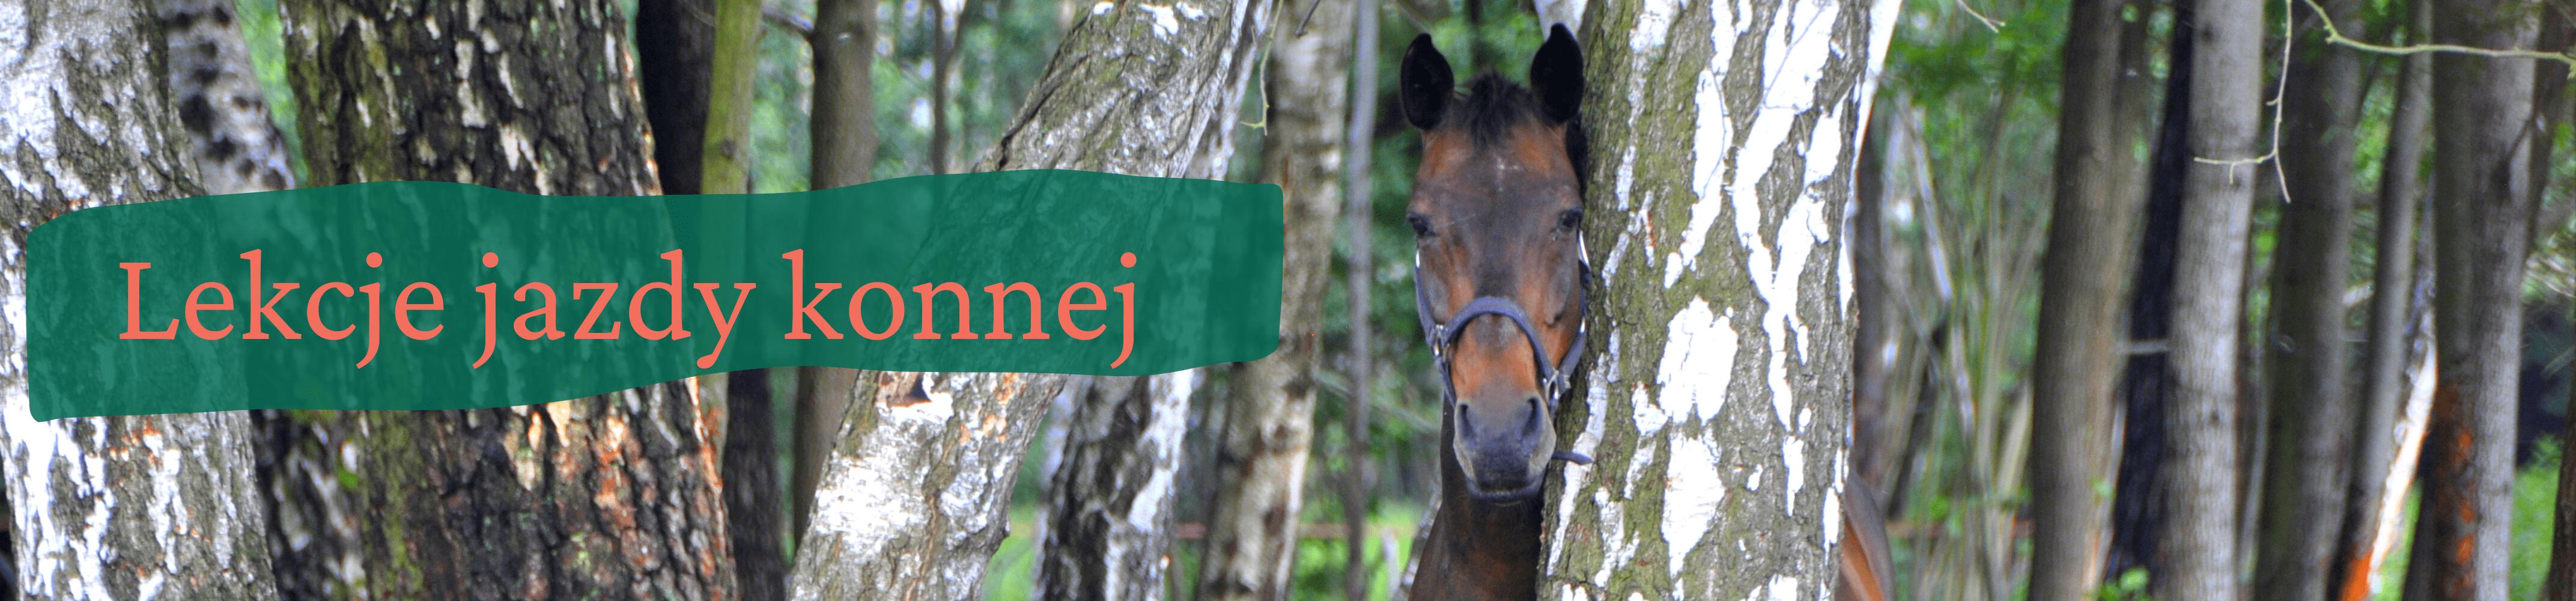 Portret gniadego konia stojącego za brzozą. Z lewej strony napis lekcje jazdy konnej